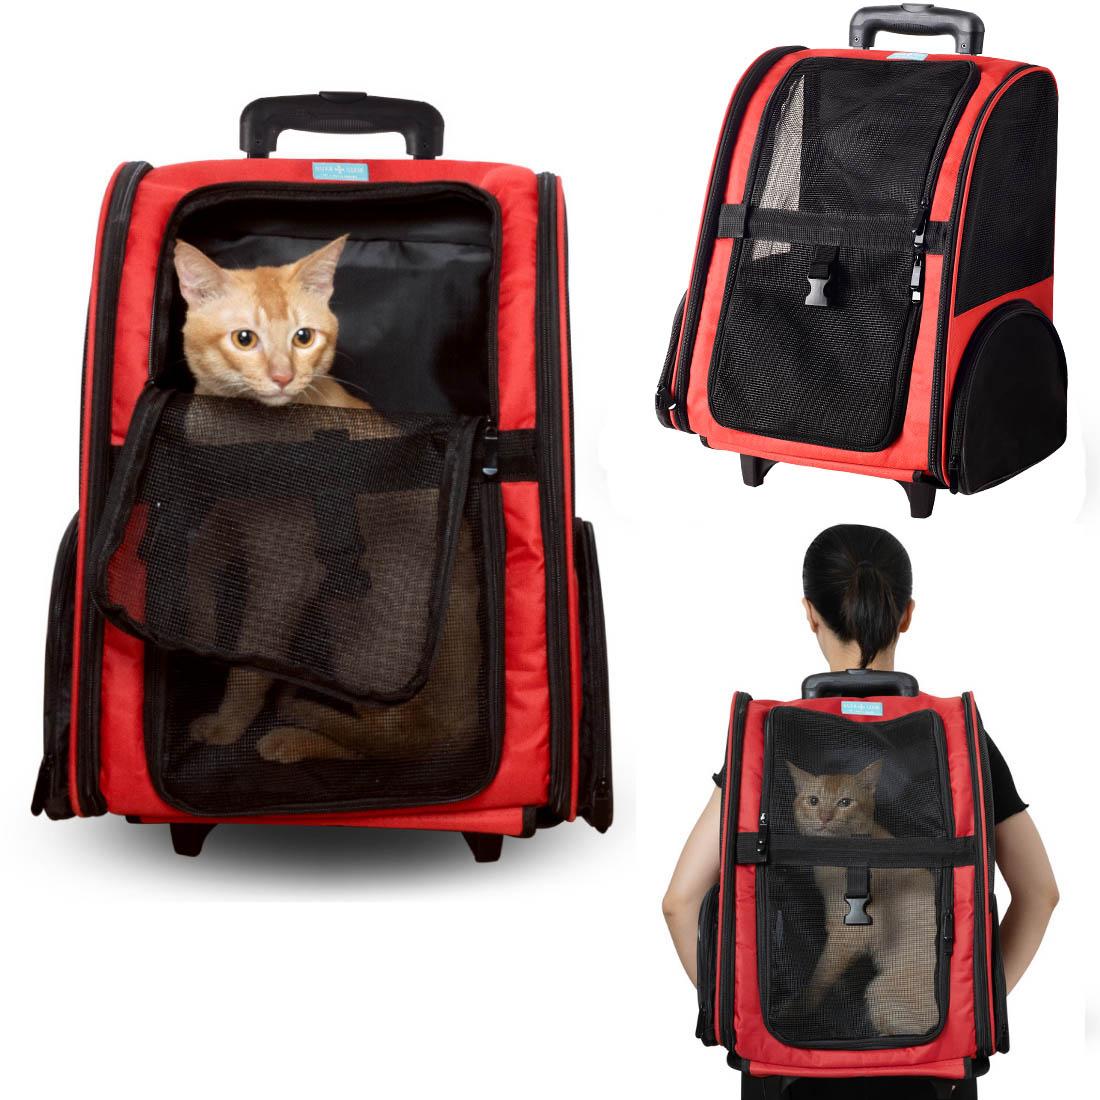 Mochila Bolsa Pet Transporte com Rodinhas Passeio Viagem Cães Gato